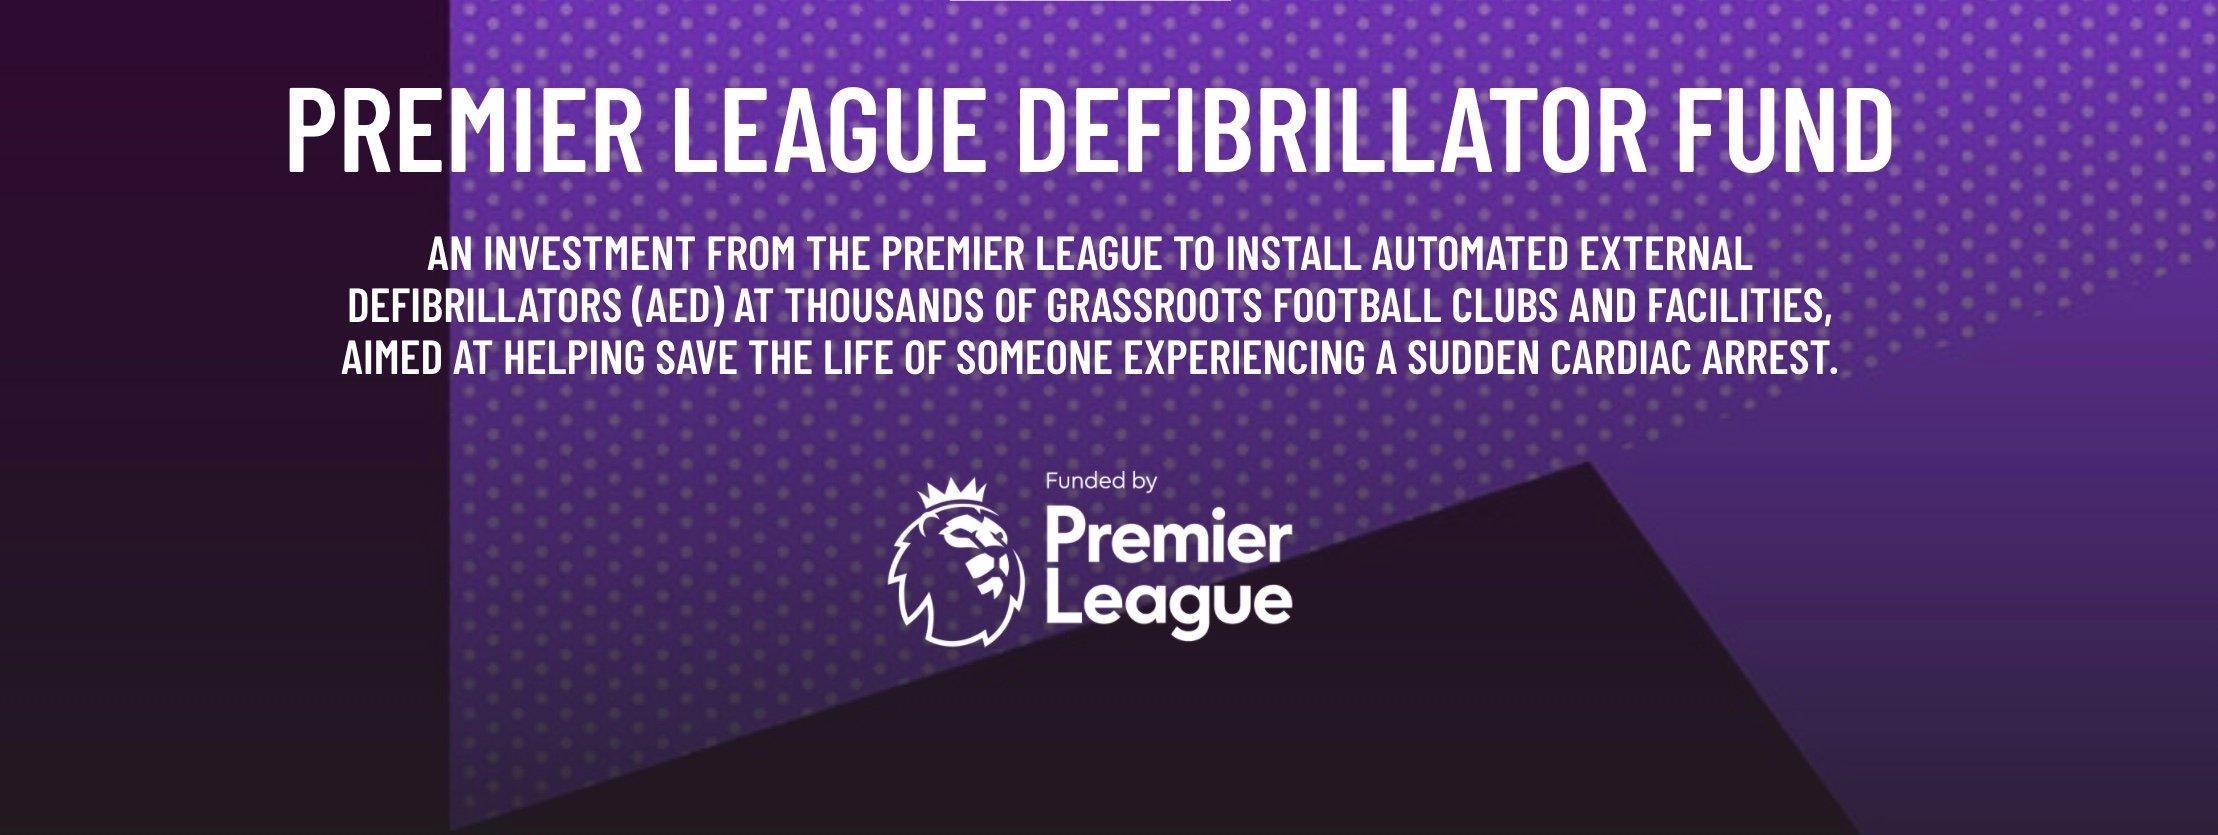 blog-premier-league-defibrillator-fund